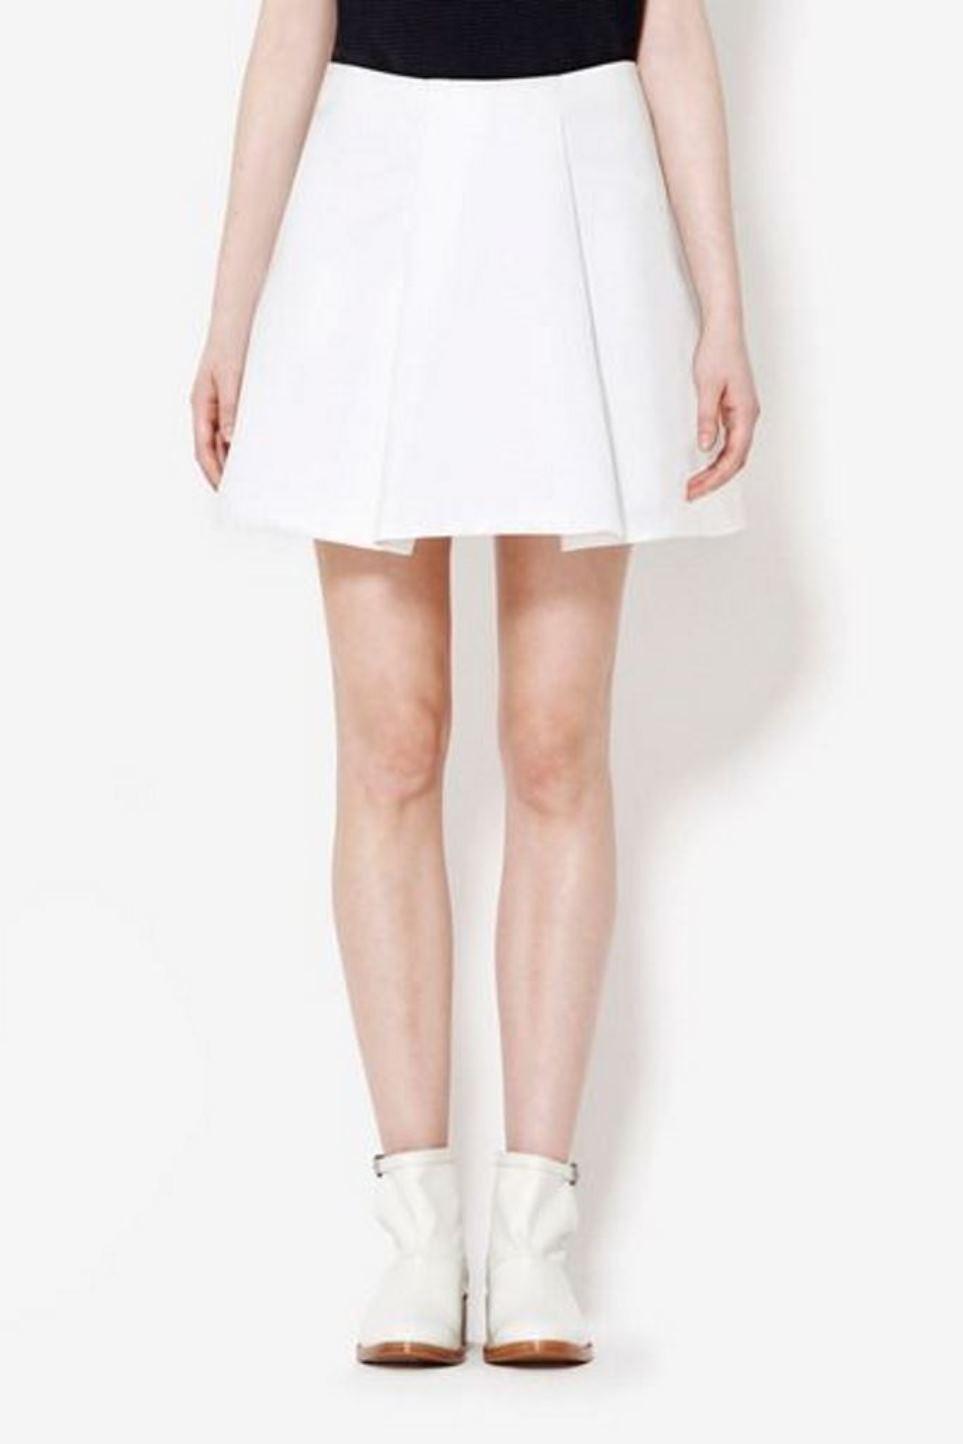 395 3.1 Phillip Lim Off White Cotton Blend Sculpted Flirty Flare Mini Skirt 00